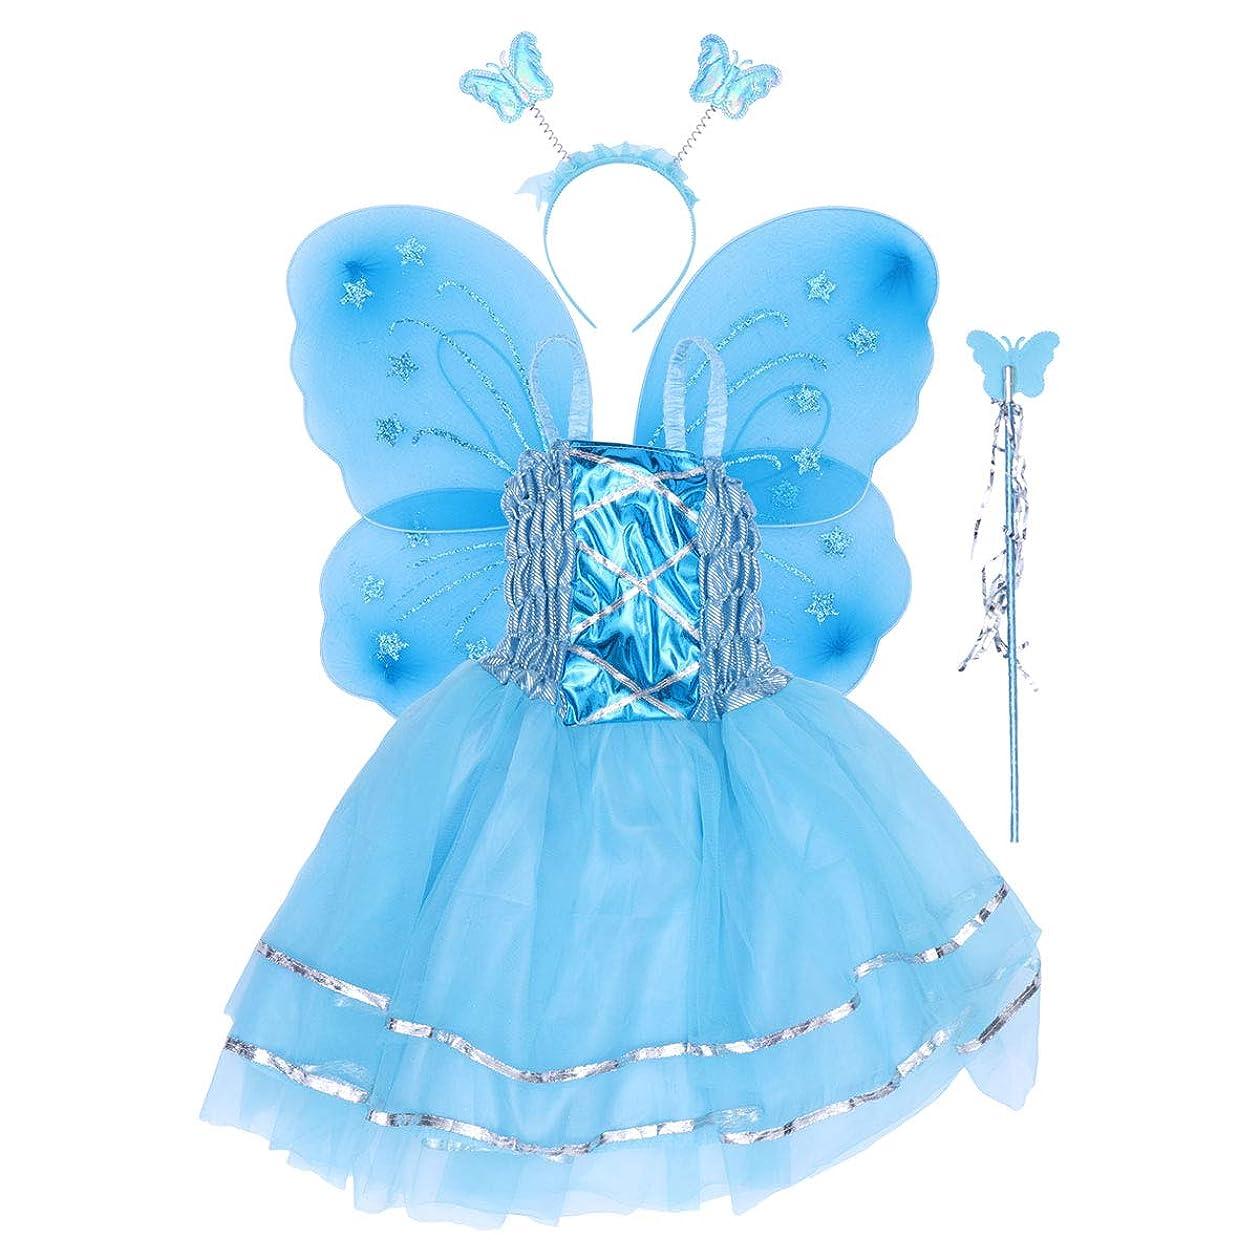 恥保護する不安定なBESTOYARD 蝶の羽、ワンド、ヘッドバンド、ツツードレス(スカイブルー)と4個の女の子バタフライプリンセス妖精のコスチュームセット